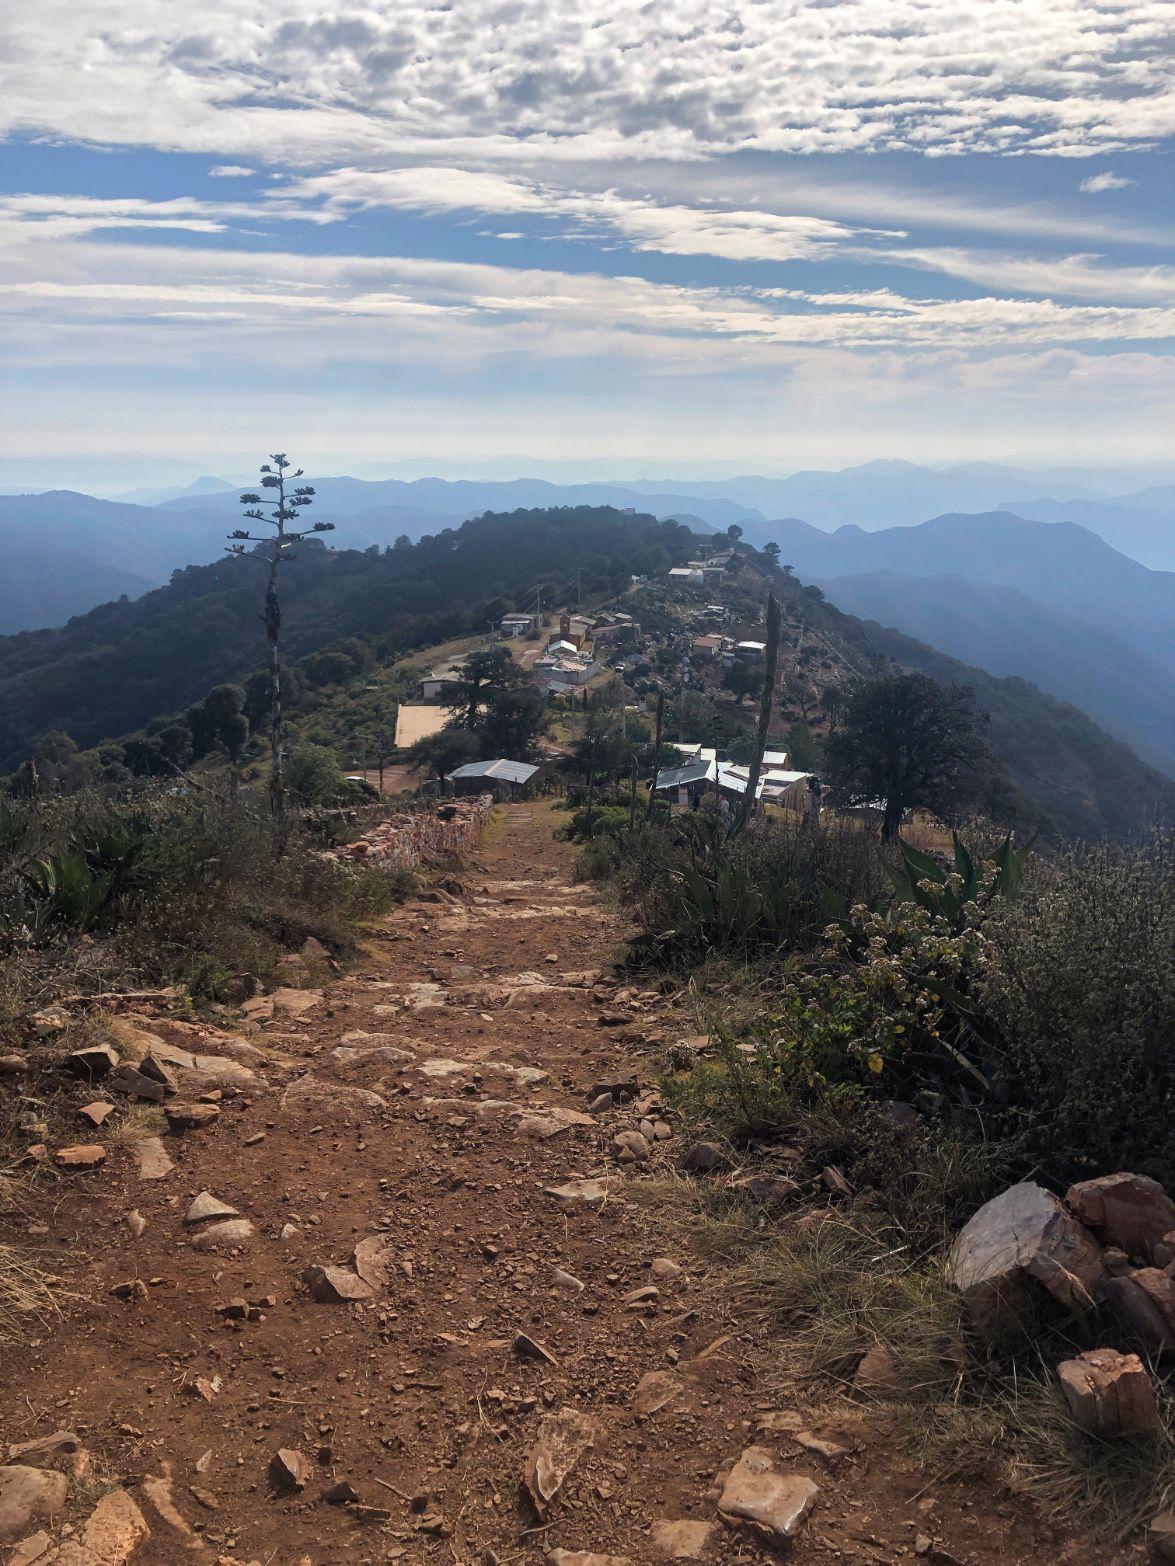 hiking to the Mirador de Cuatro Pelos